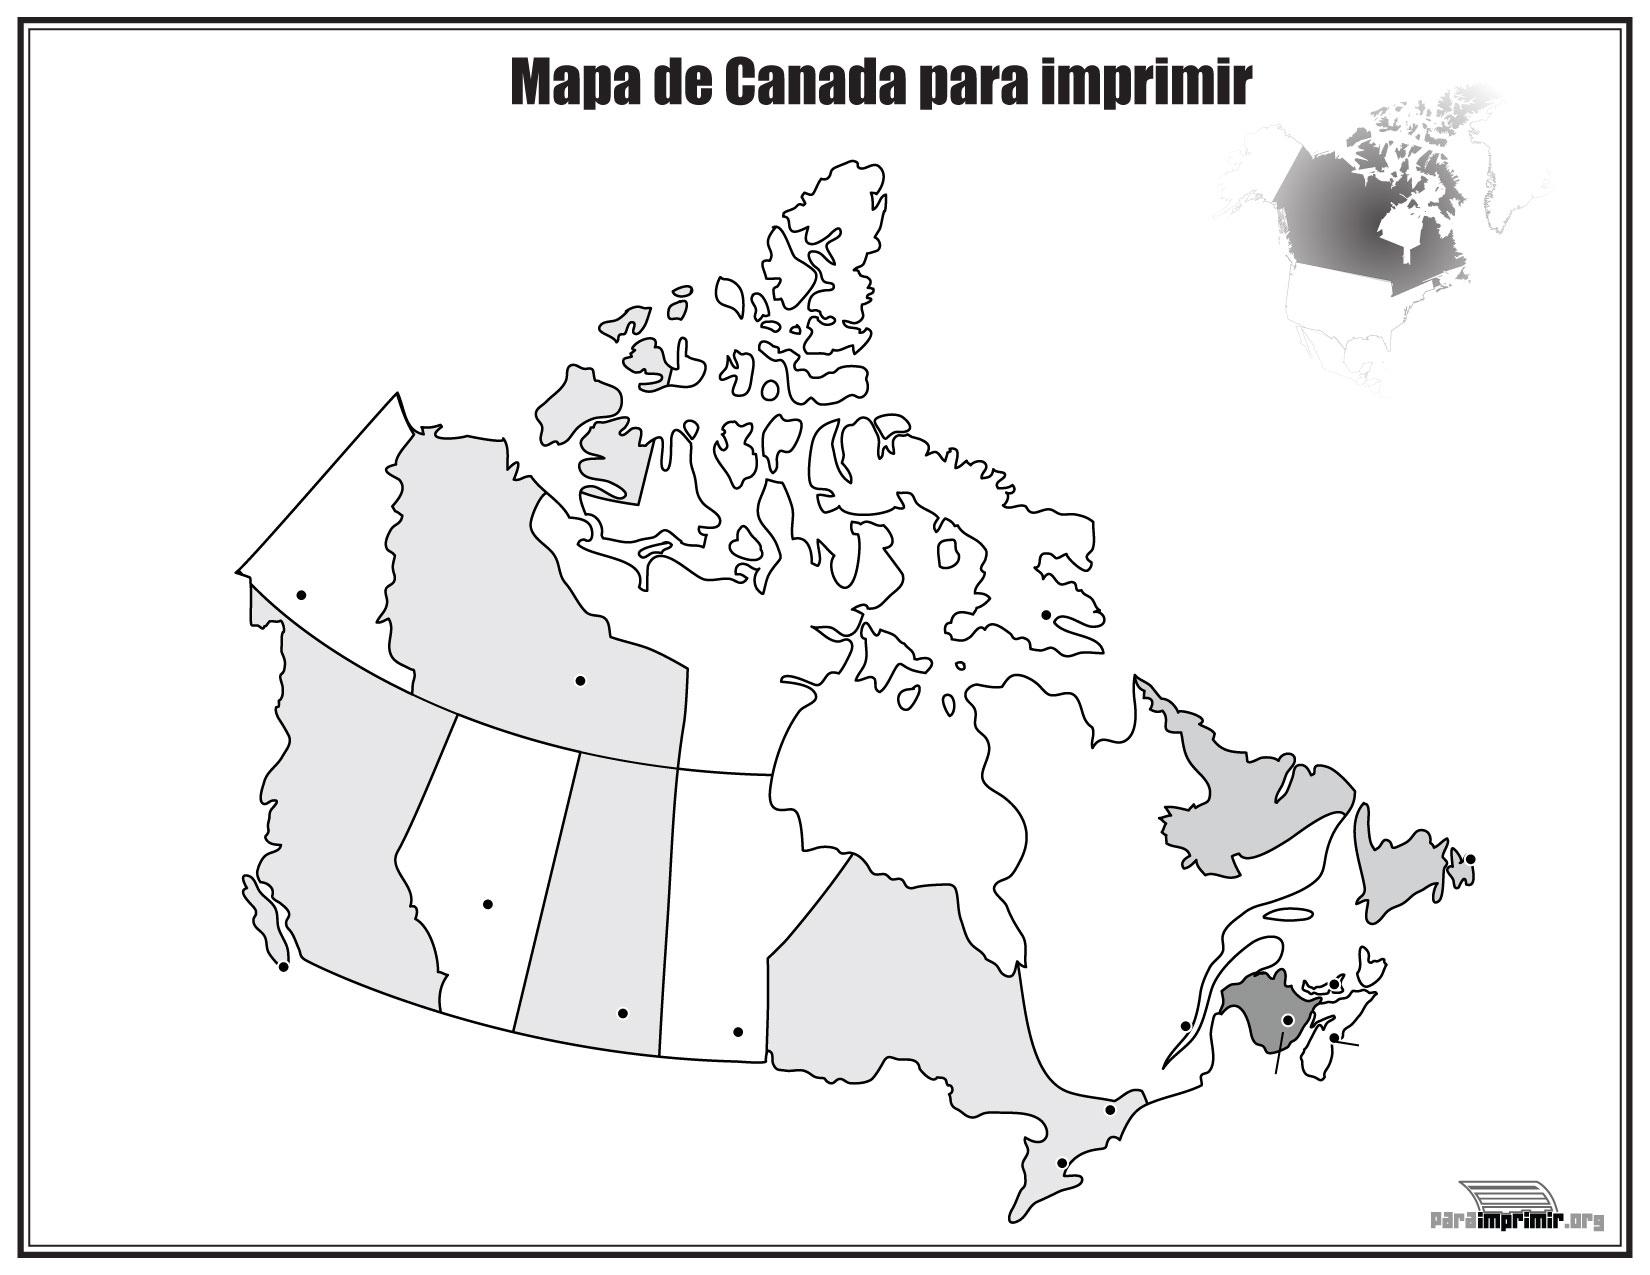 Mapa de Canadá sin nombres para imprimir